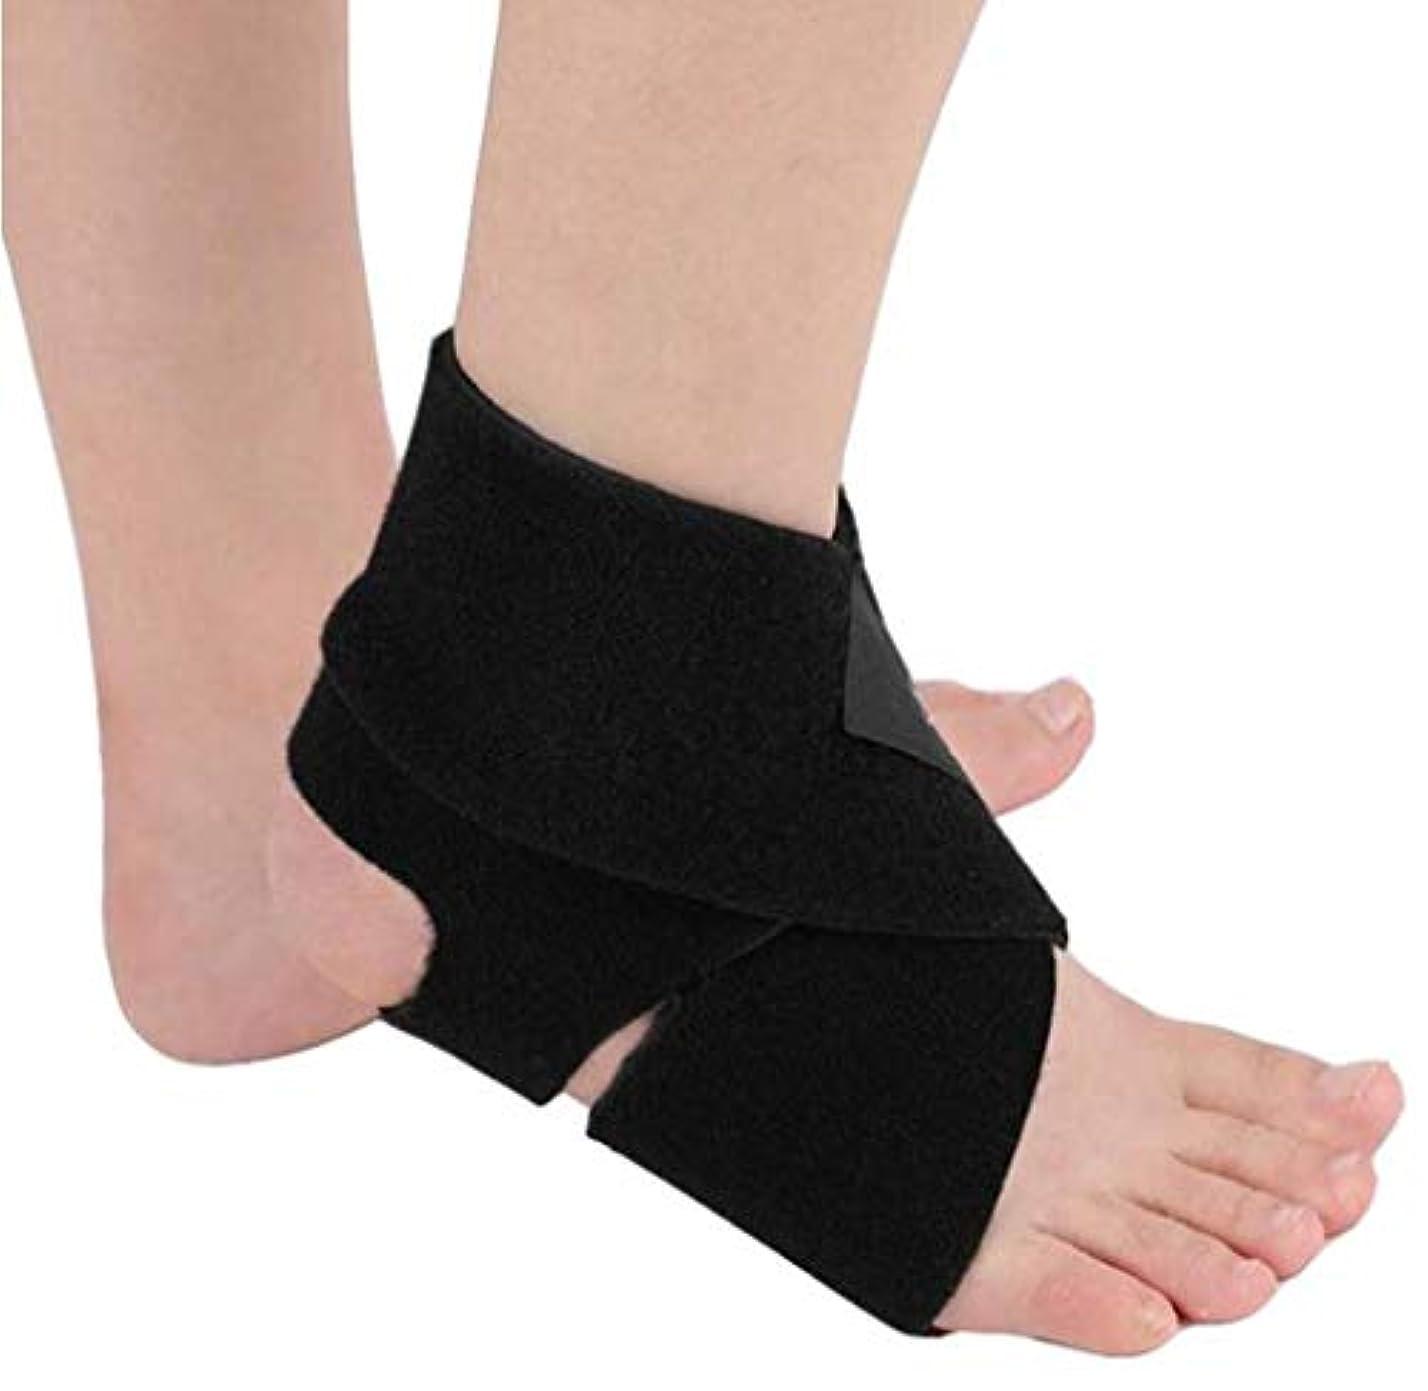 骨折雇用者同僚標準的な足首の足の装具の全長トリミング可能なフットプレート、ドロップフットに最適